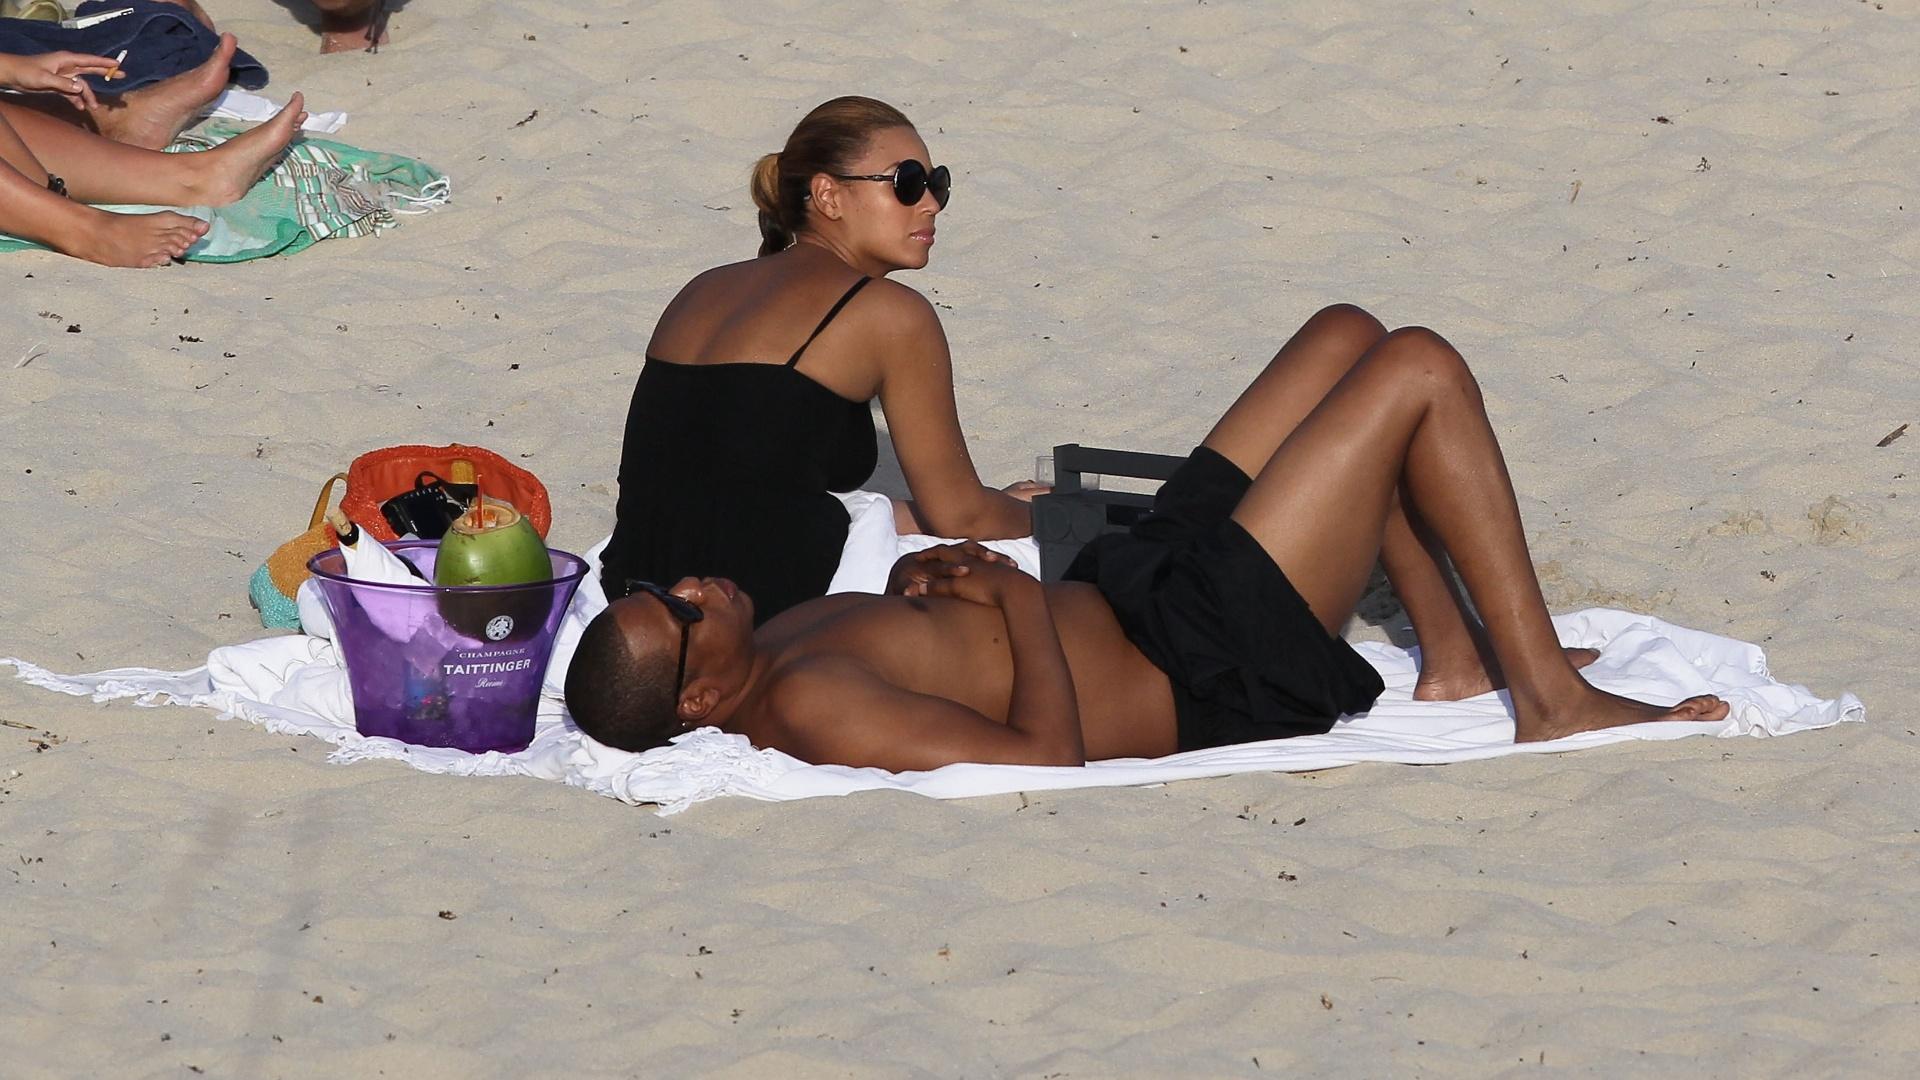 Após três meses do nascimento de Blue Ivy, primeira filha do casal, Beyoncé e Jay-Z passam segunda lua de mel em praia do Caribe (10/4/12)